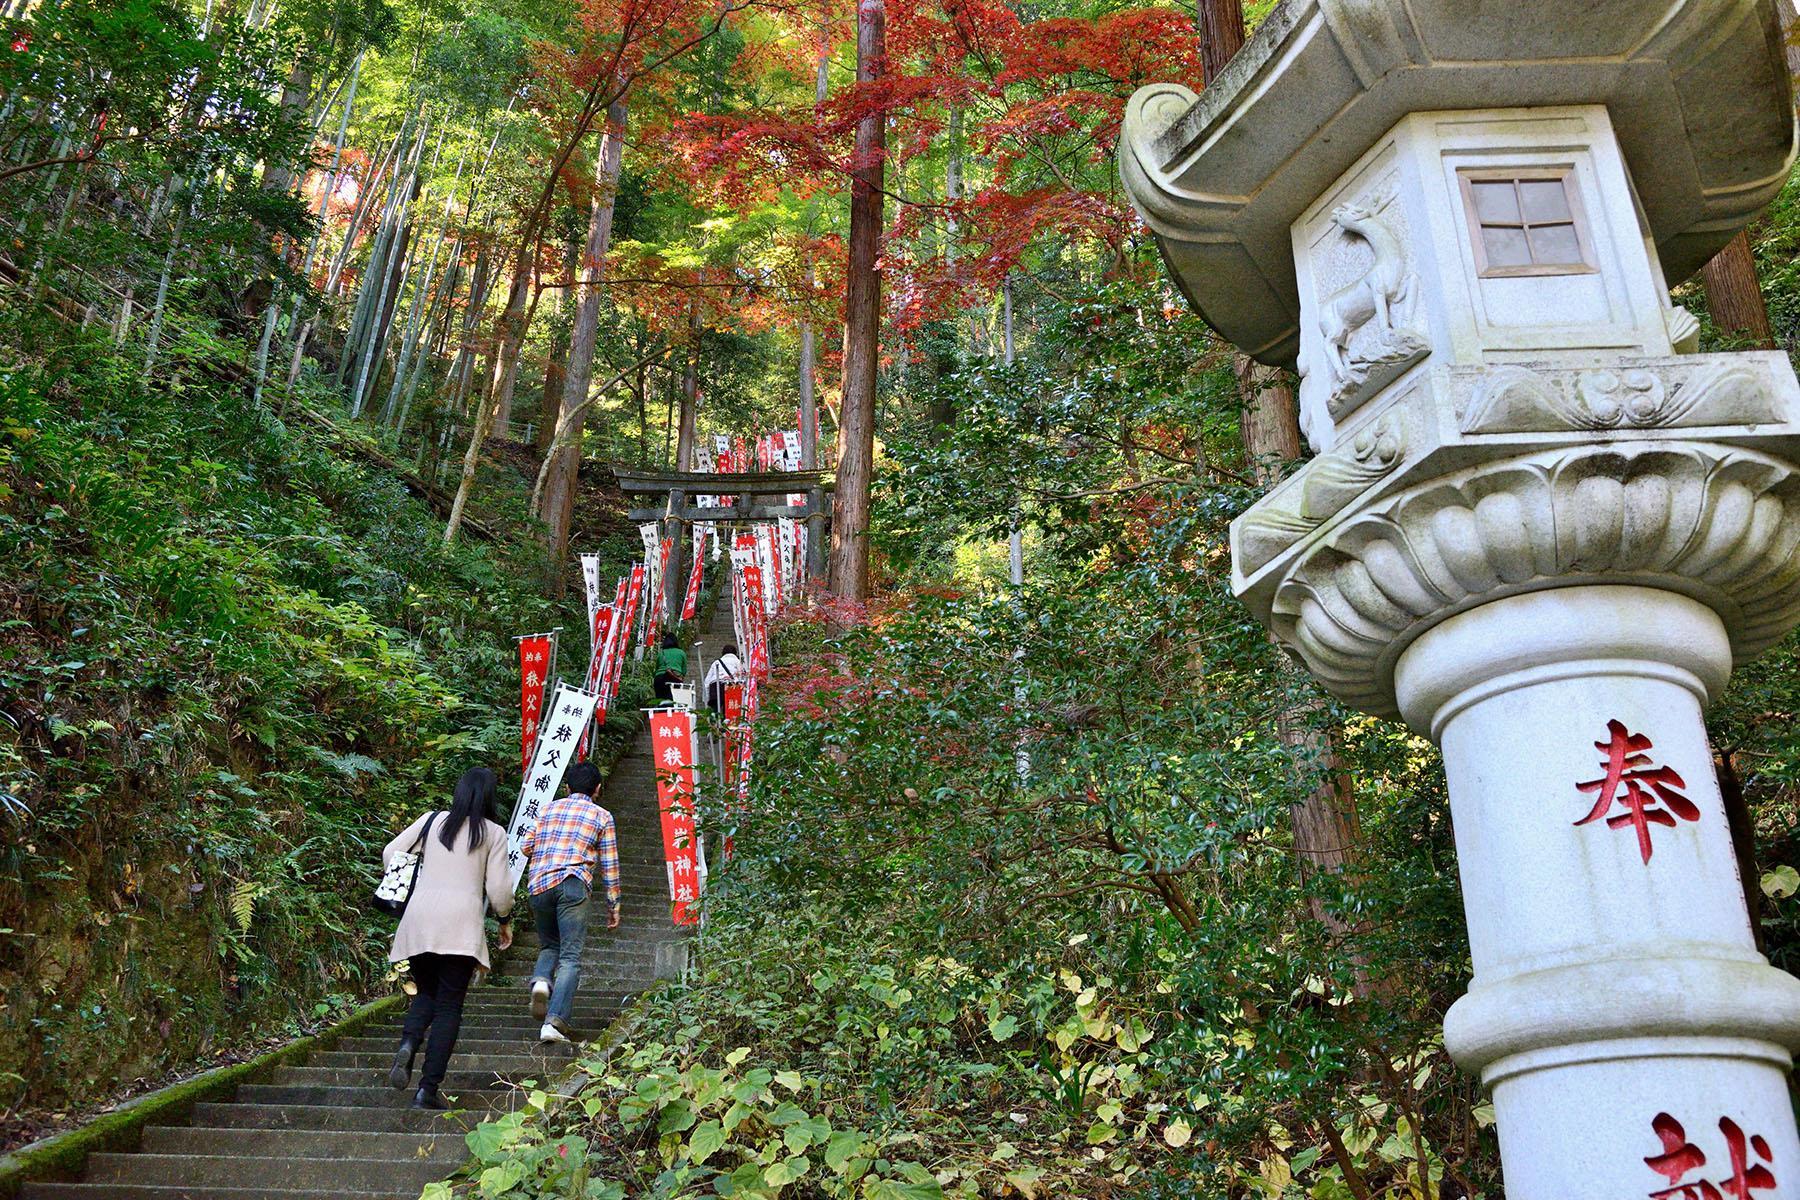 秩父御嶽神社の紅葉 東郷公園秩父御嶽神社